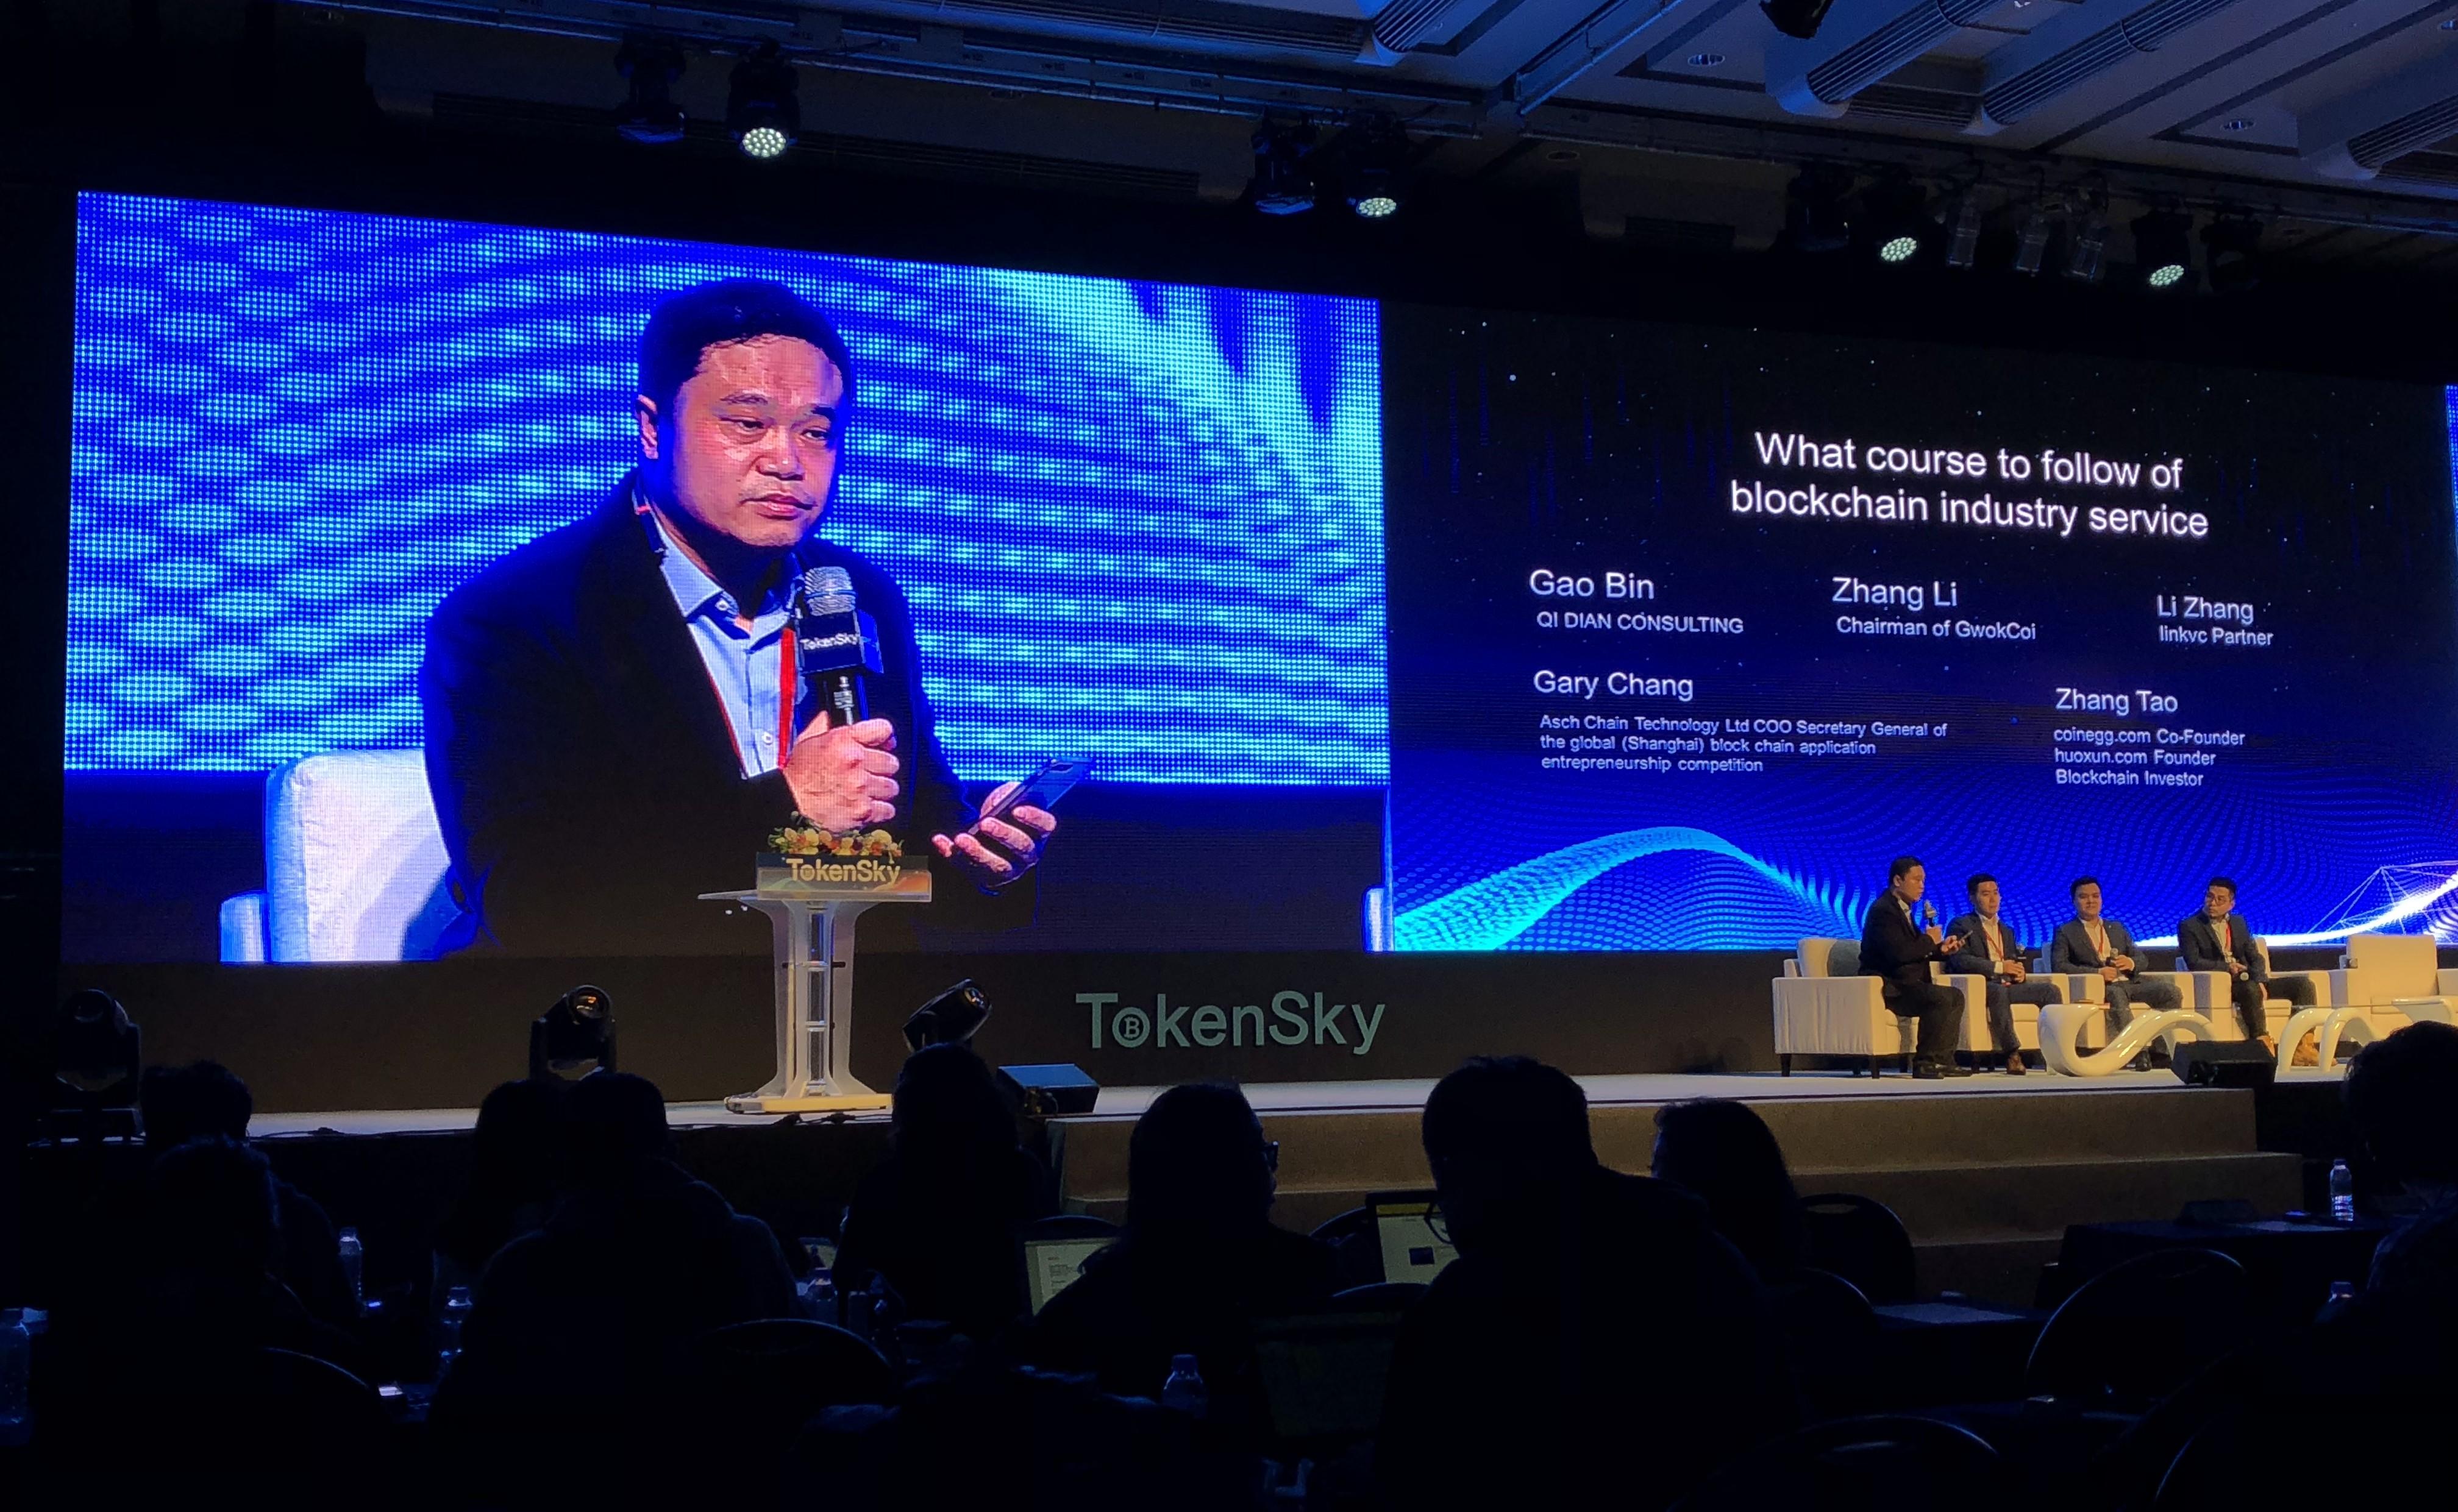 2018 TOKENSKY区块链圆桌会议:区块链服务产业如何服务好区块链?